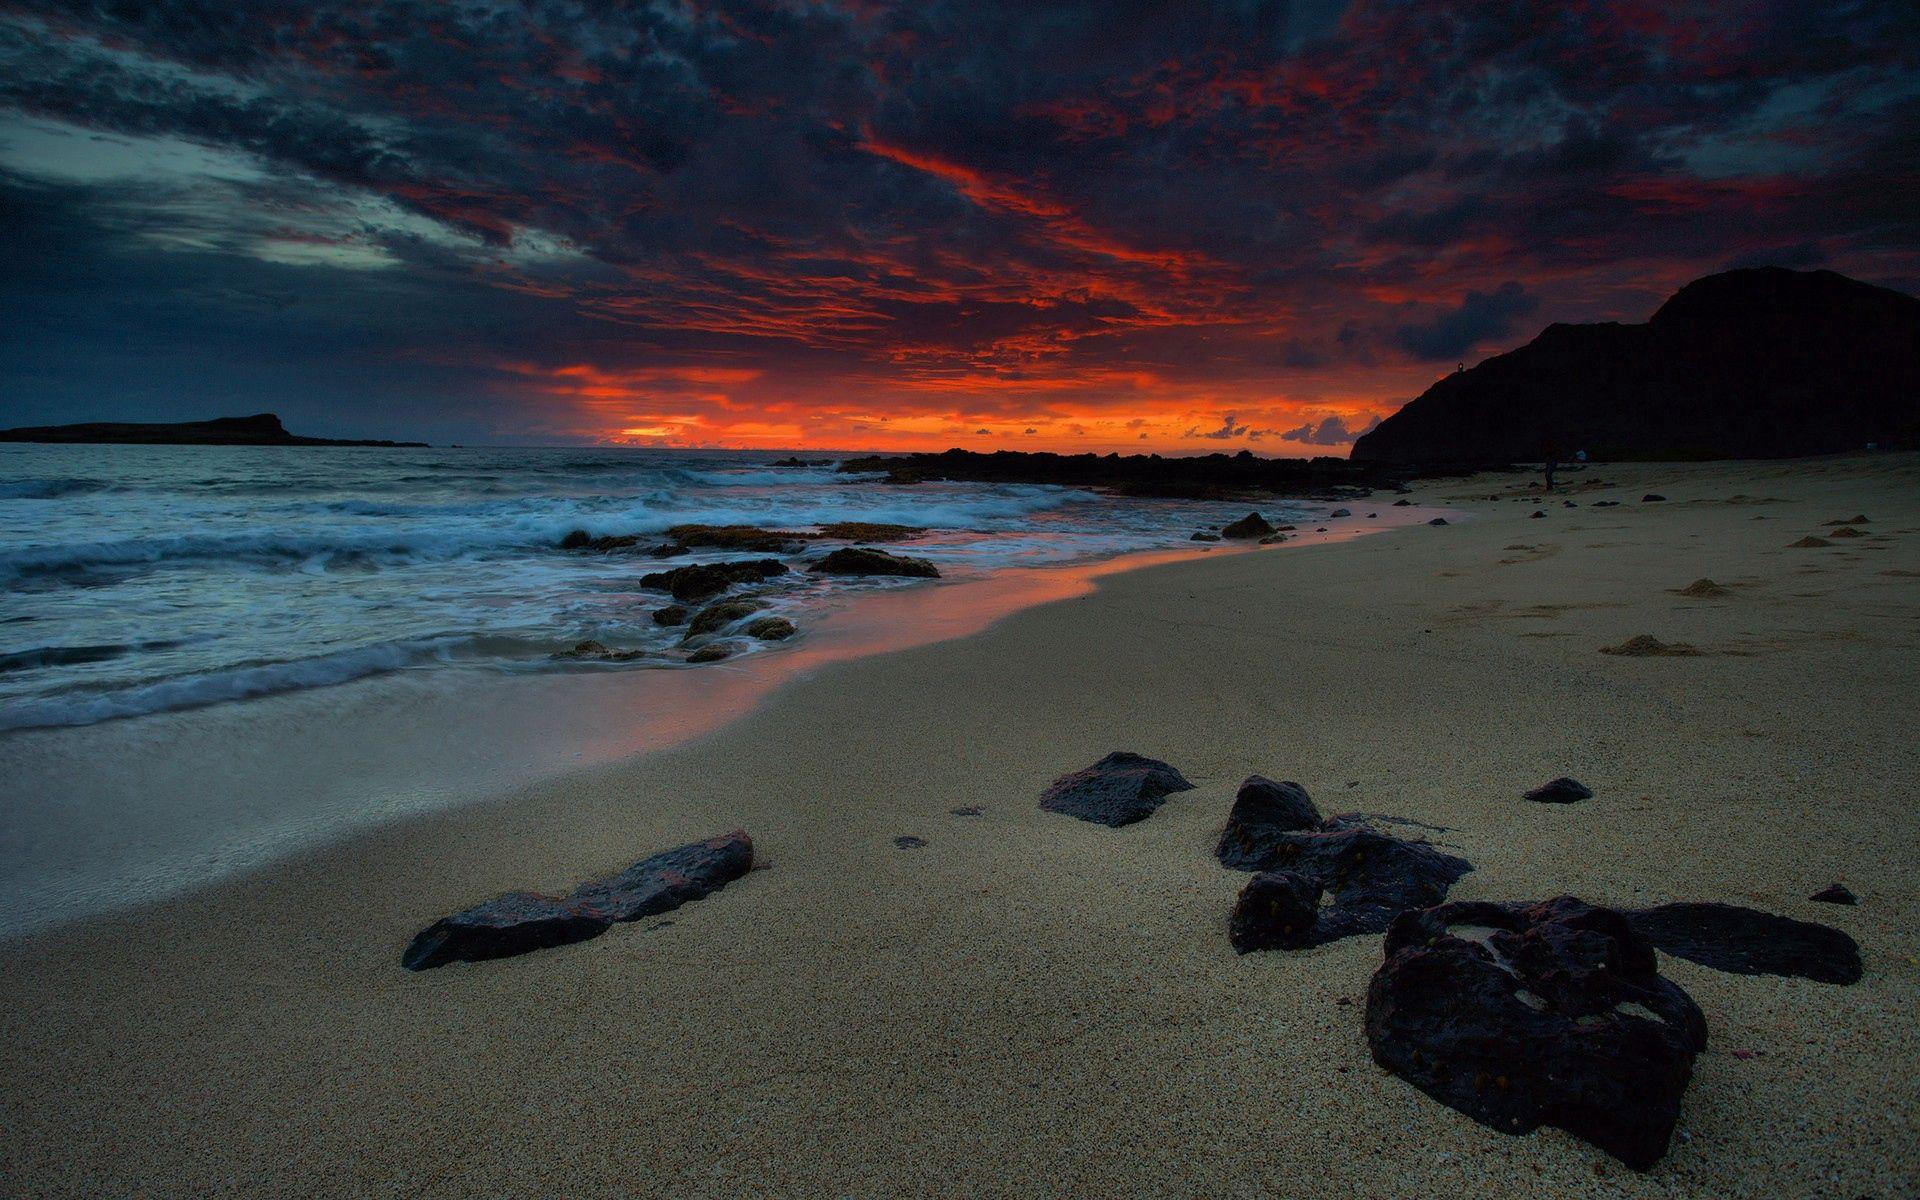 52857 papel de parede 320x480 em seu telefone gratuitamente, baixe imagens Natureza, Céu, Mar, Noite, Praia 320x480 em seu celular